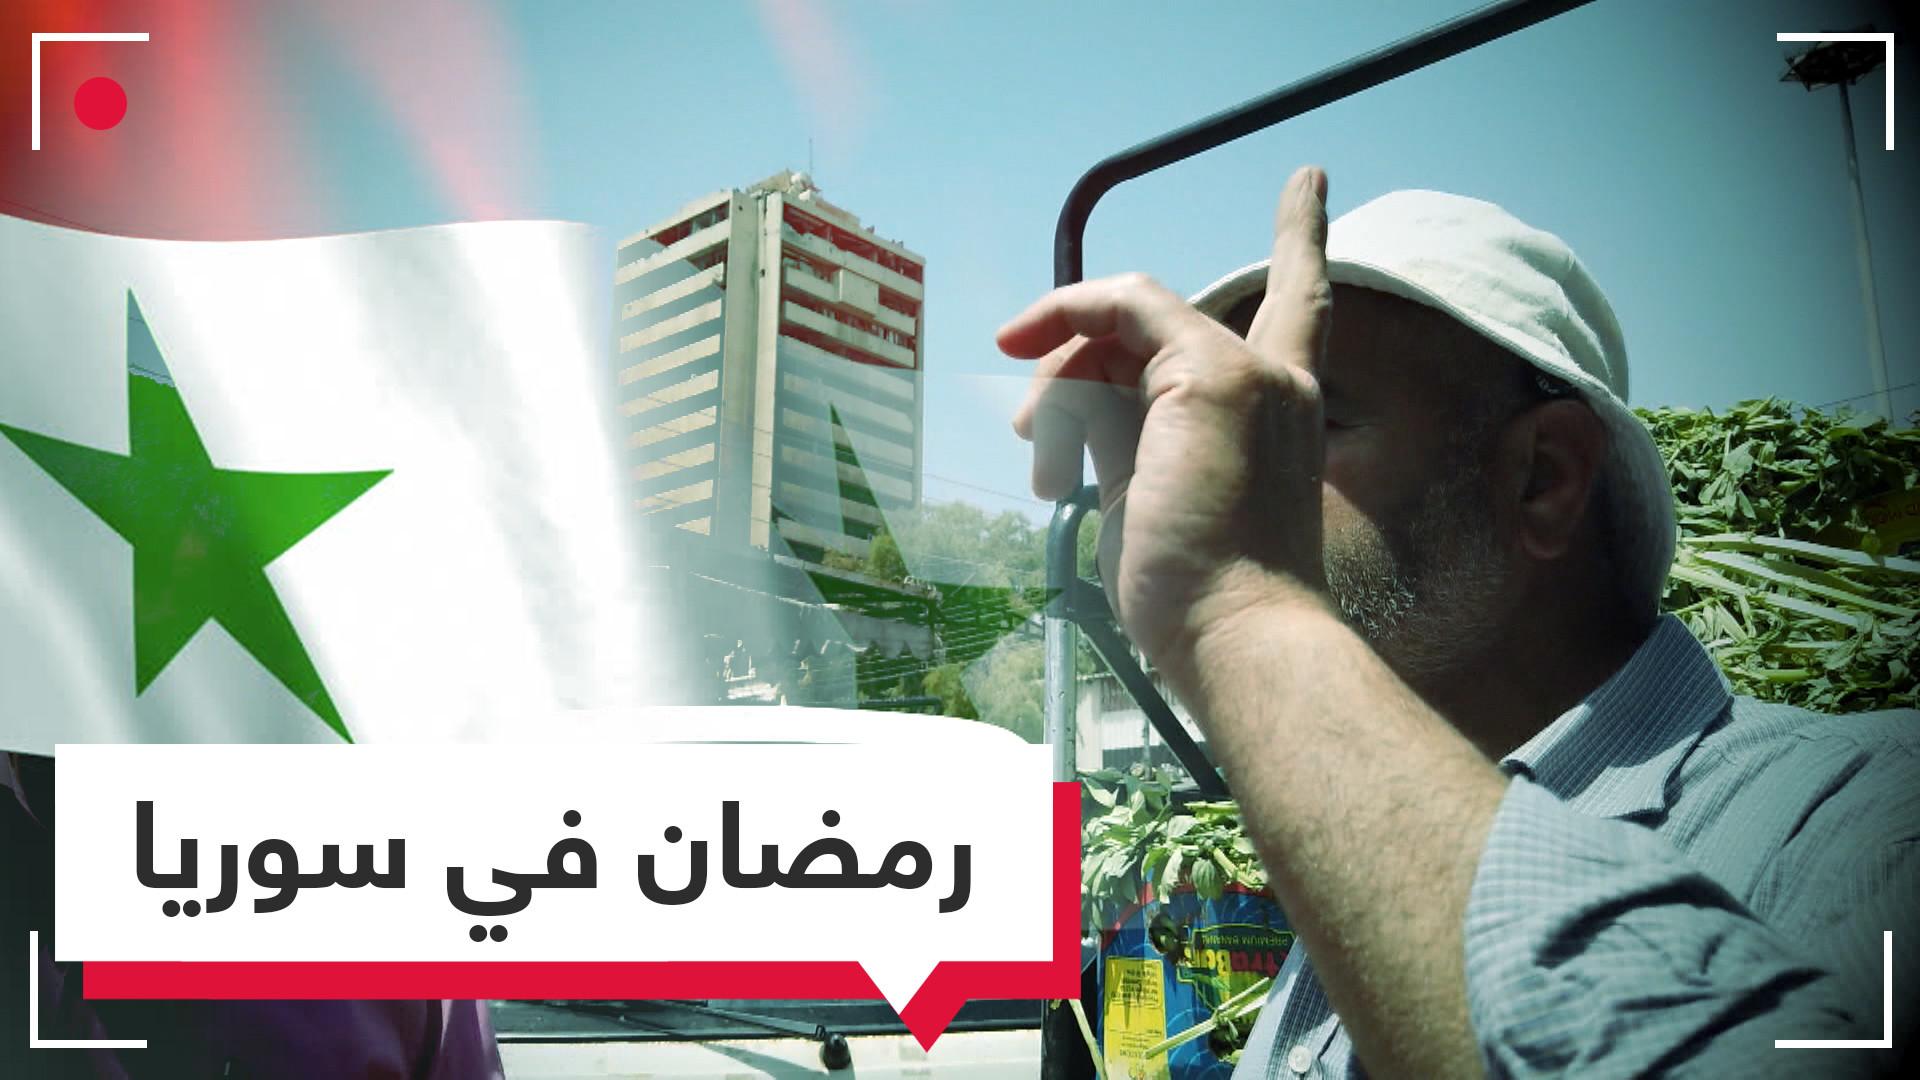 رمضان في سوريا هموم ومعاناة المواطن.. حلقة جديدة من تحقيقات RT